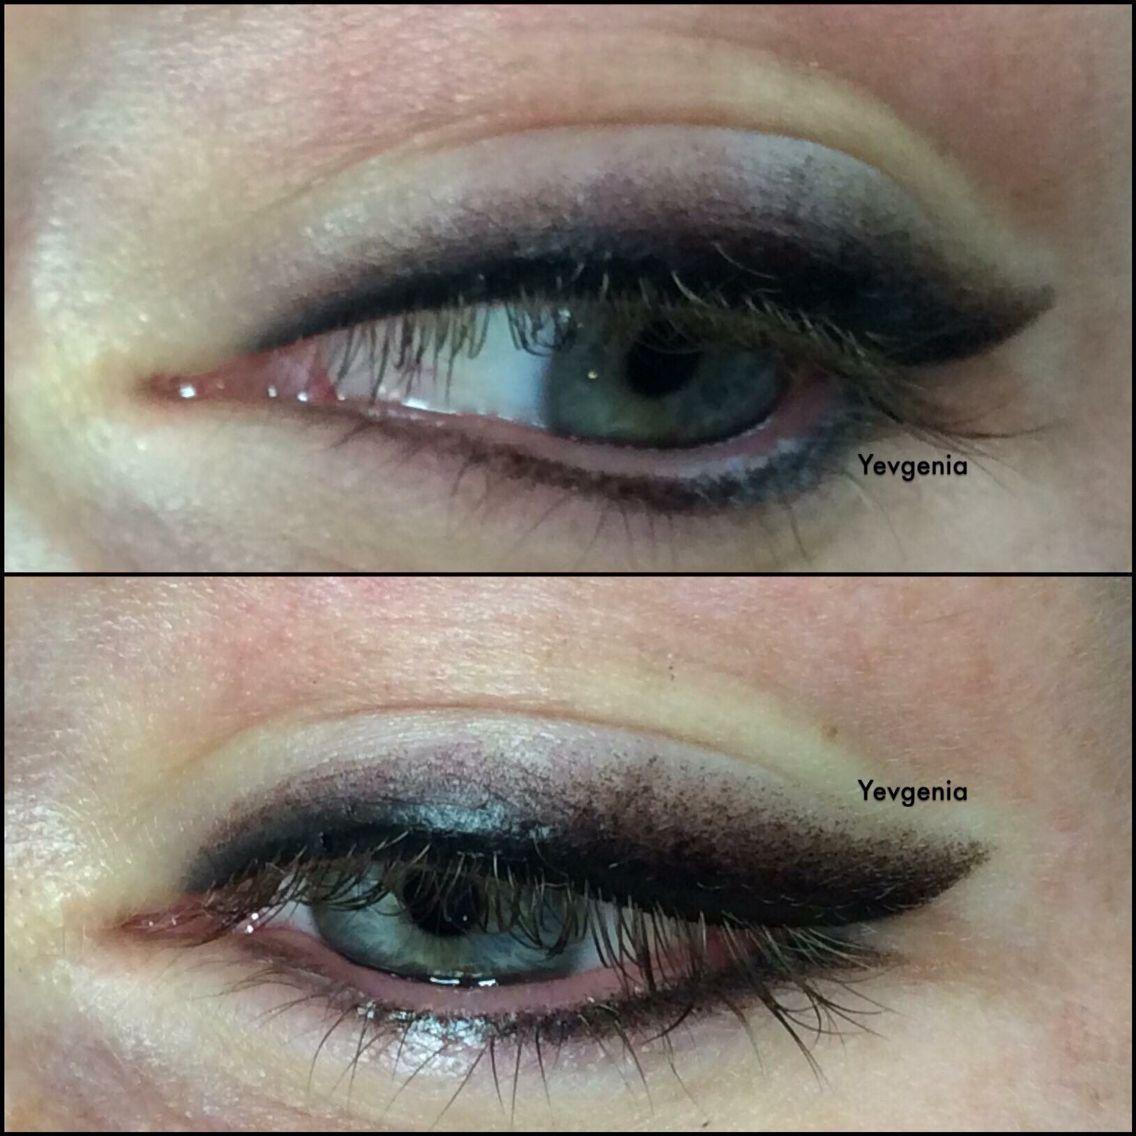 ' Smokey eyeliner ' eski ve kötüleşmiş kalıcı makyaj